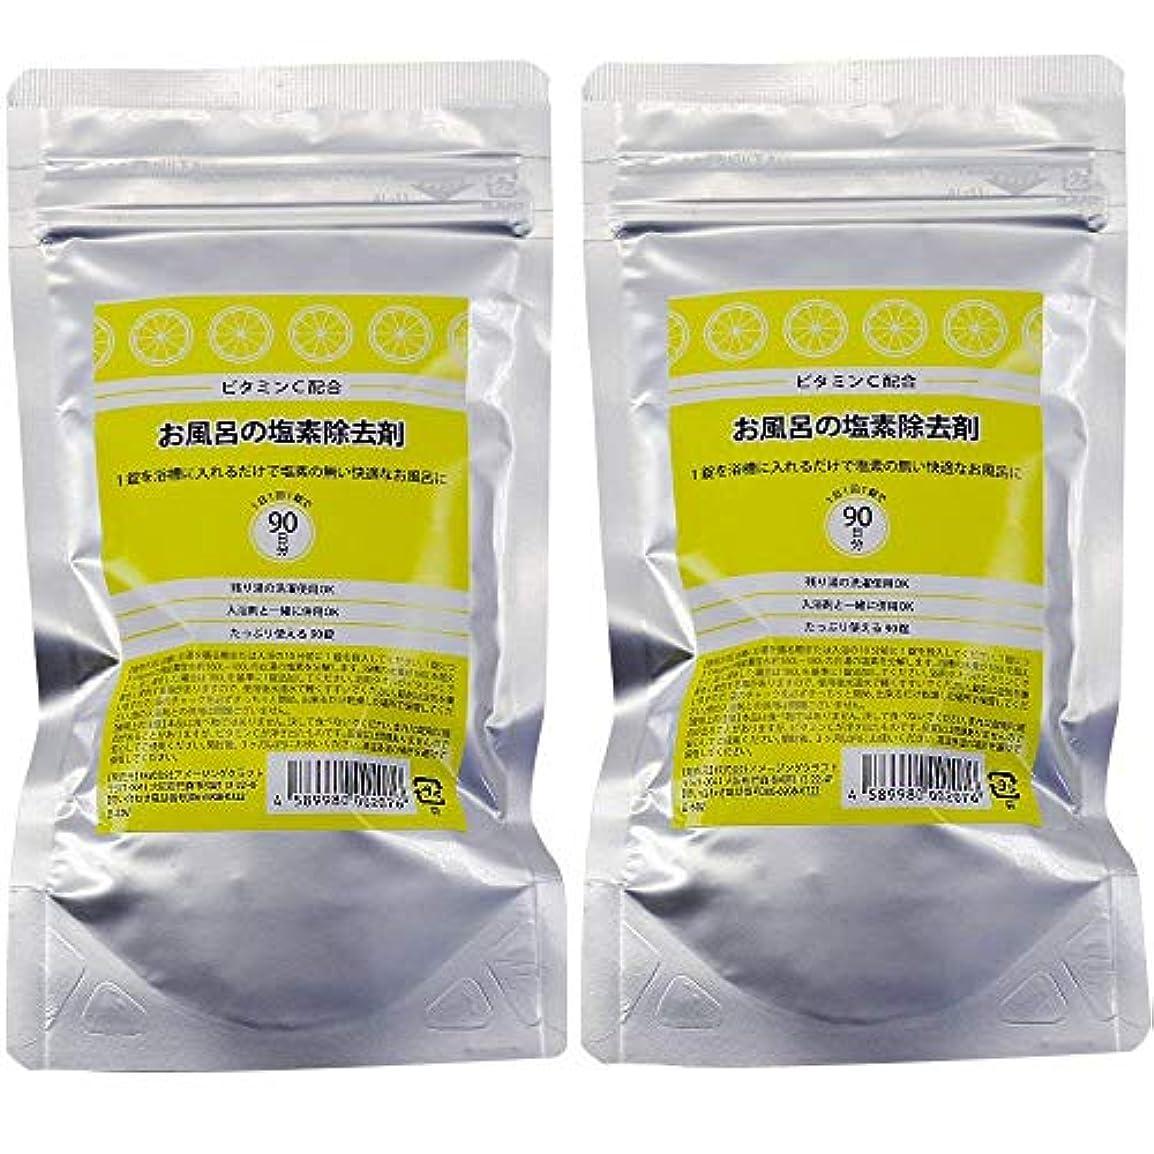 ビタミンC配合 お風呂の塩素除去剤 錠剤タイプ 90錠 2個セット 浴槽用脱塩素剤